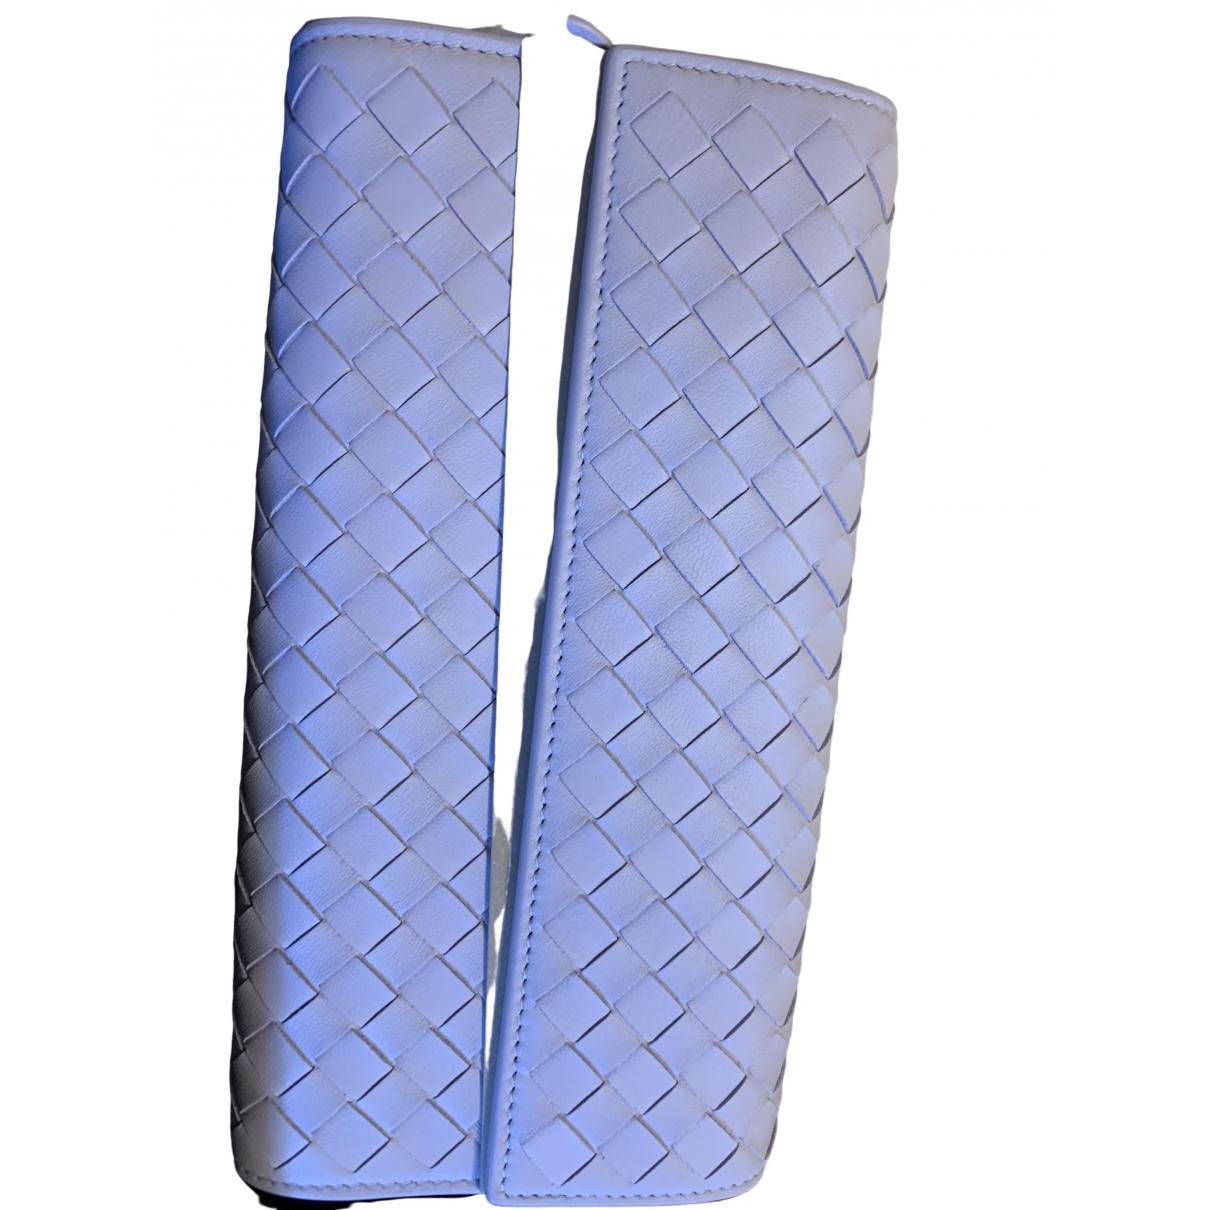 Bottega Veneta Intrecciato Turquoise Leather wallet for Women \N